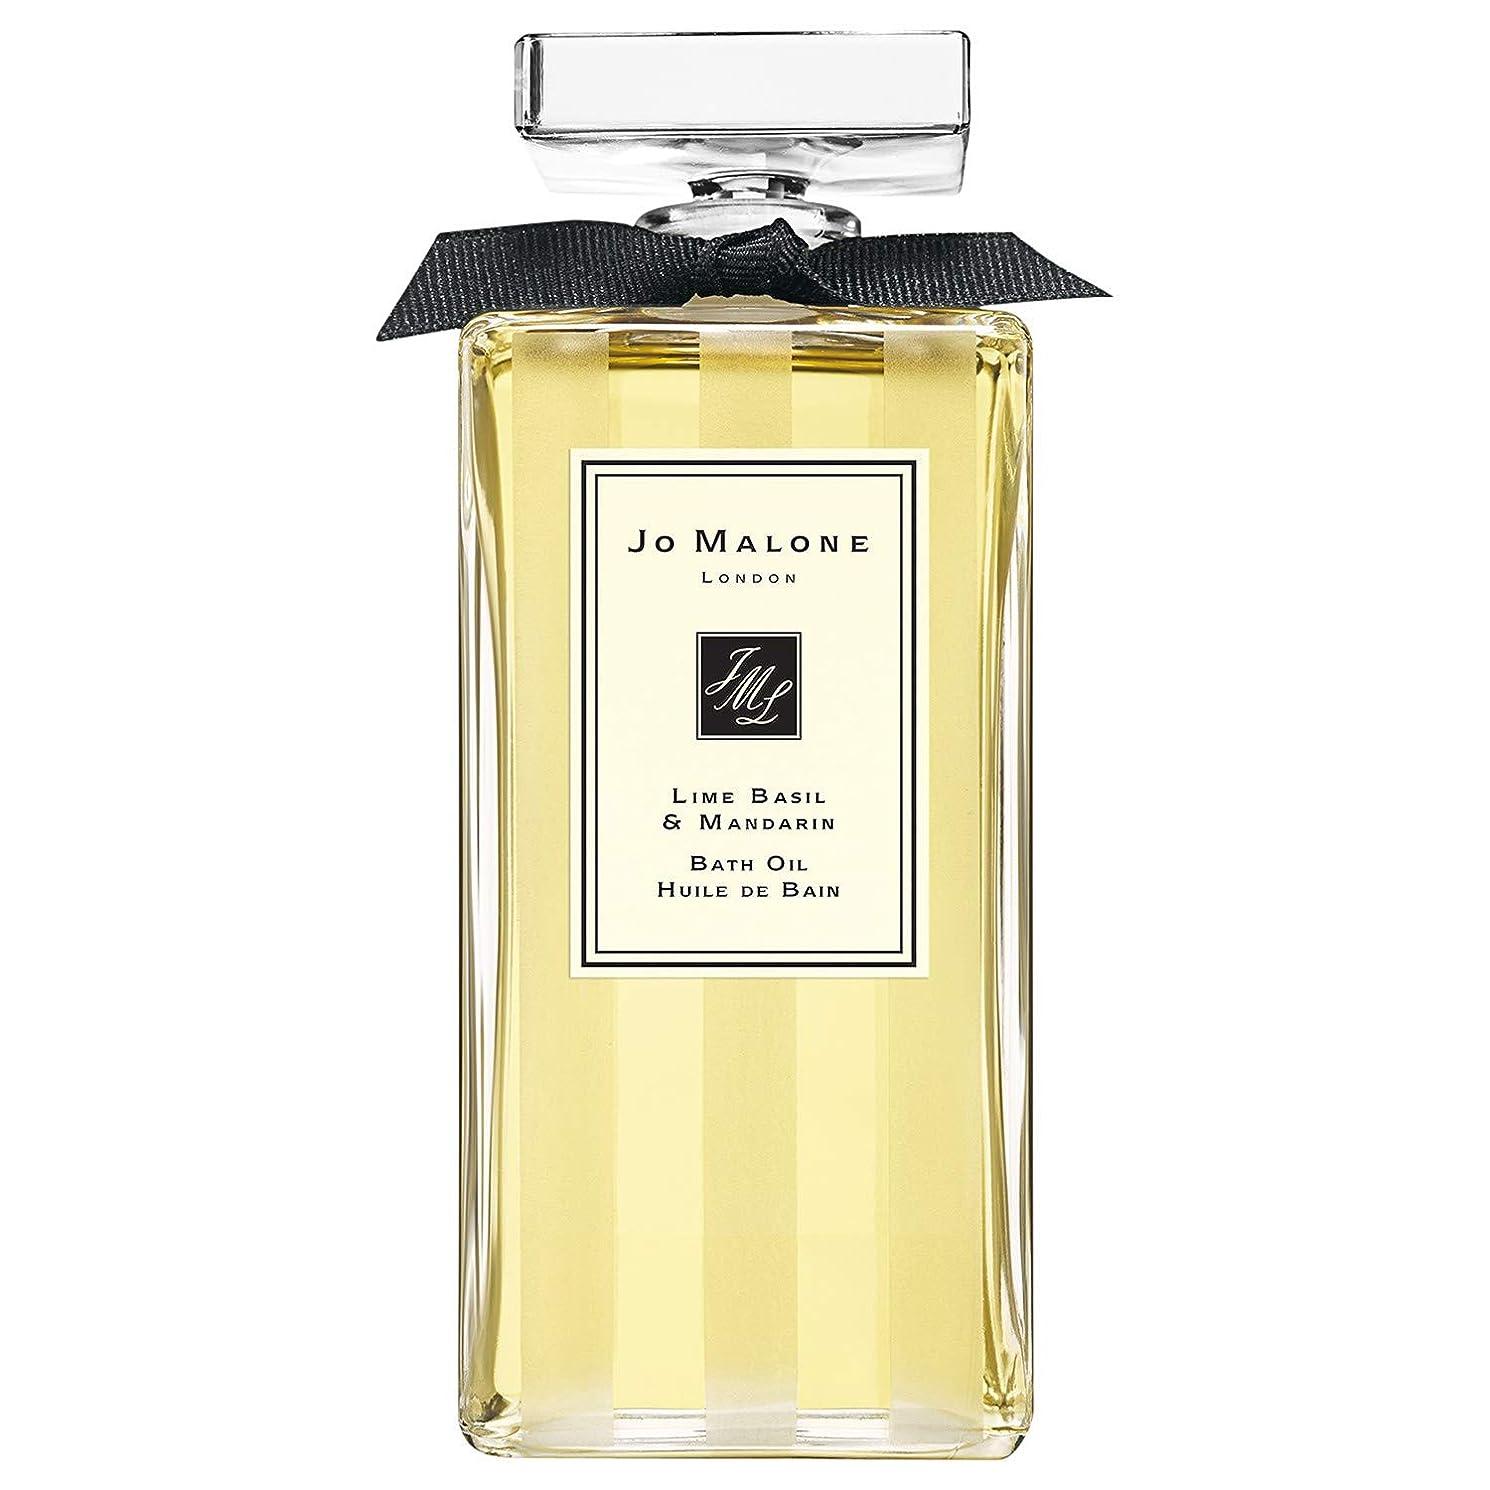 バレル砦年金受給者[Jo Malone] ジョーマローンロンドンライムバジル&マンダリンバスオイル200ミリリットル - Jo Malone London Lime Basil & Mandarin Bath Oil 200ml [並行輸入品]